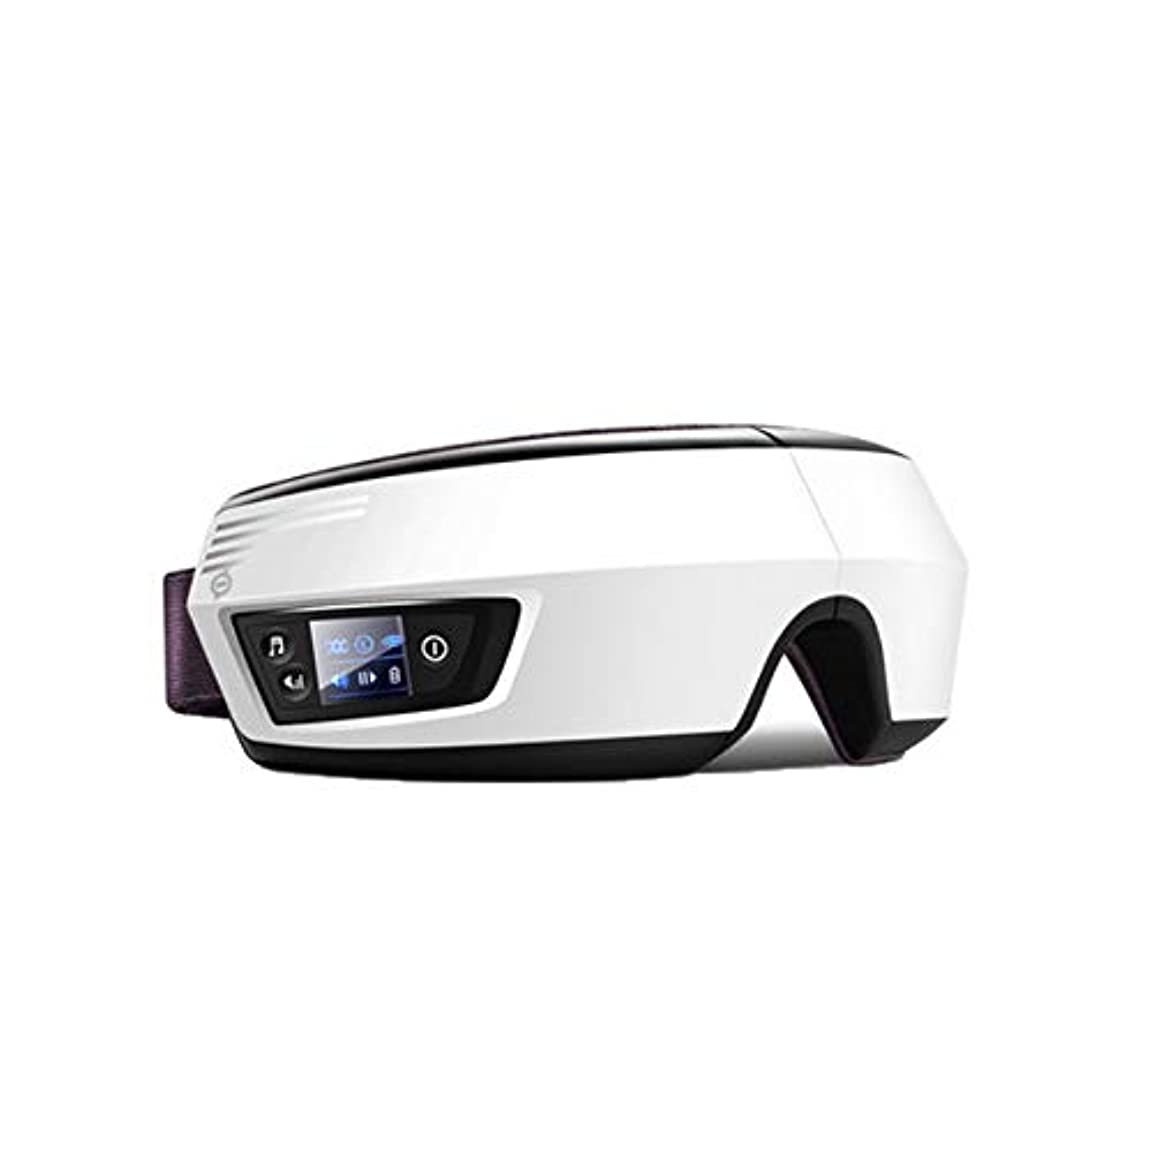 ガレージ成長命令マッサージャー - ホットプレス疲労ダークアイマスク視力保護眼鏡 (Color : Pearl White)